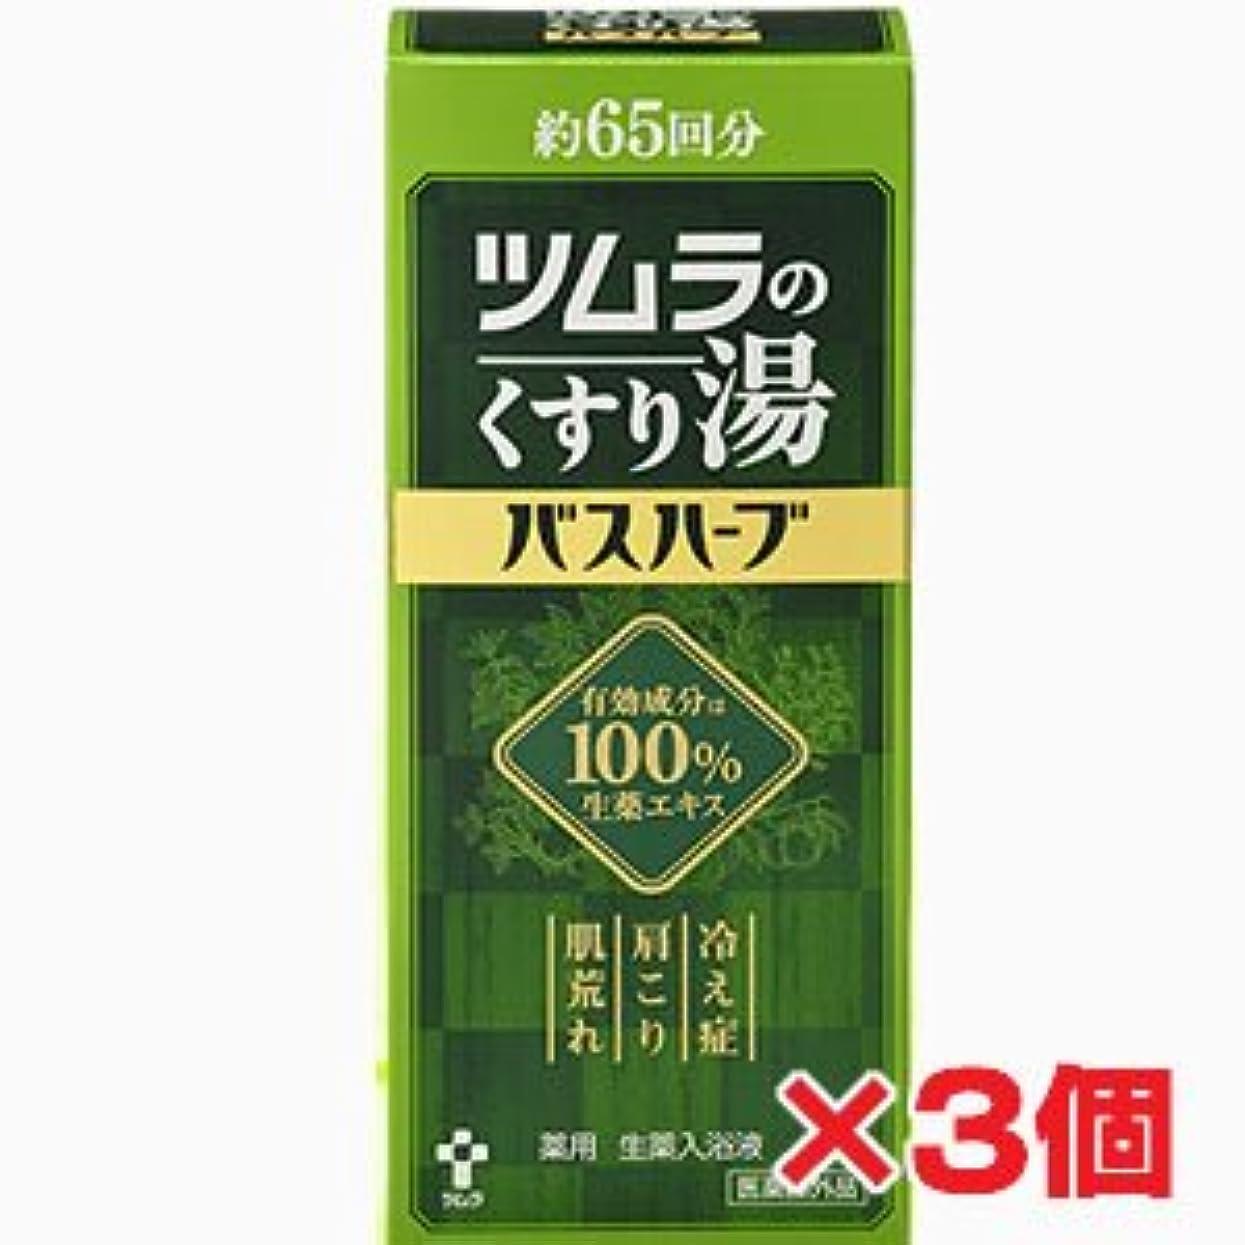 肌寒い胃校長【3本】ツムラのくすり湯 バスハーブ 650ml×3本